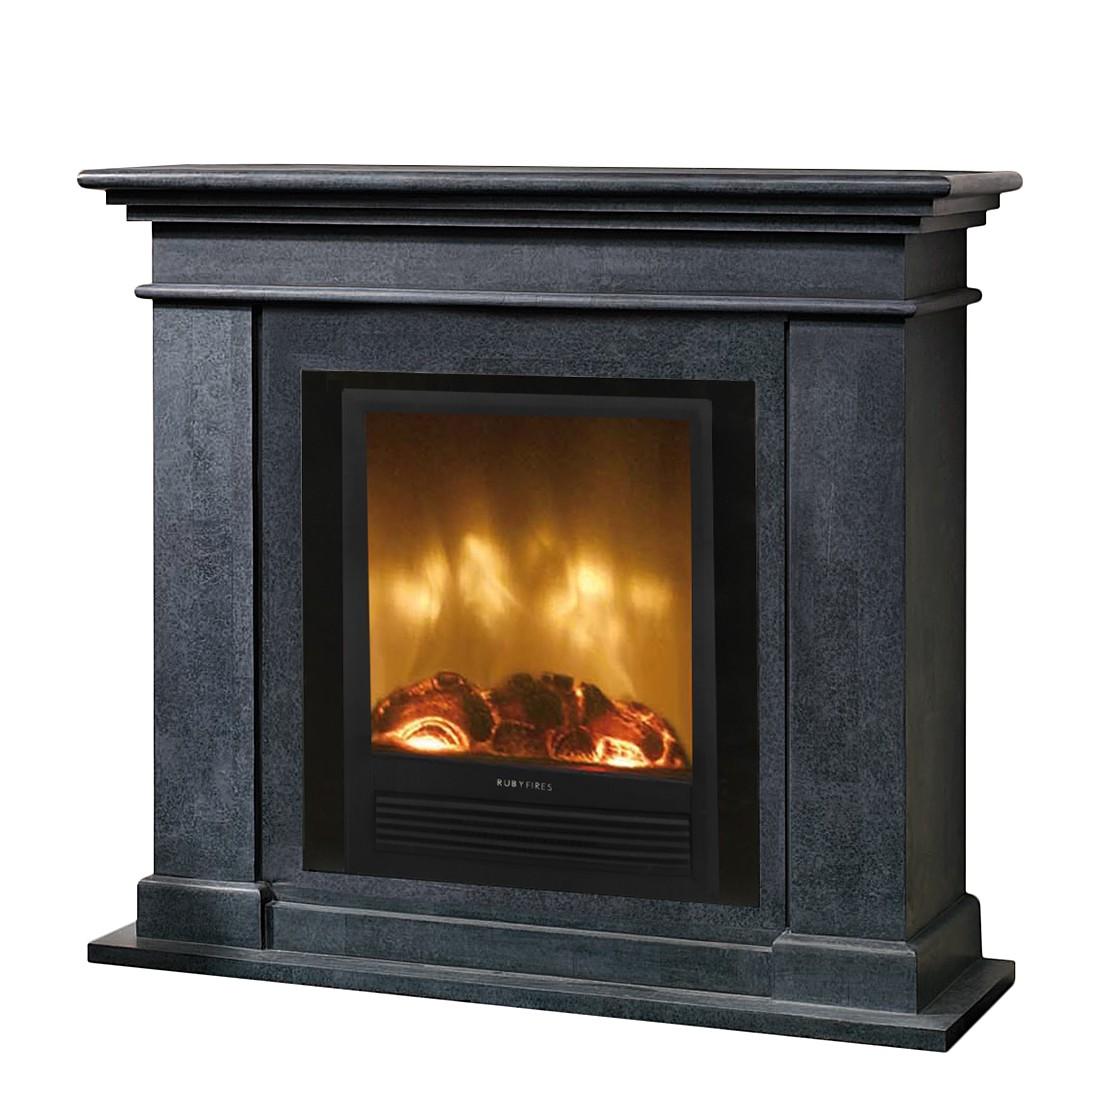 Home 24 - Eek a+, foyer électrique kos : avec chauffage, bouteille isothermetat et réglage de l intensité, ruby fires